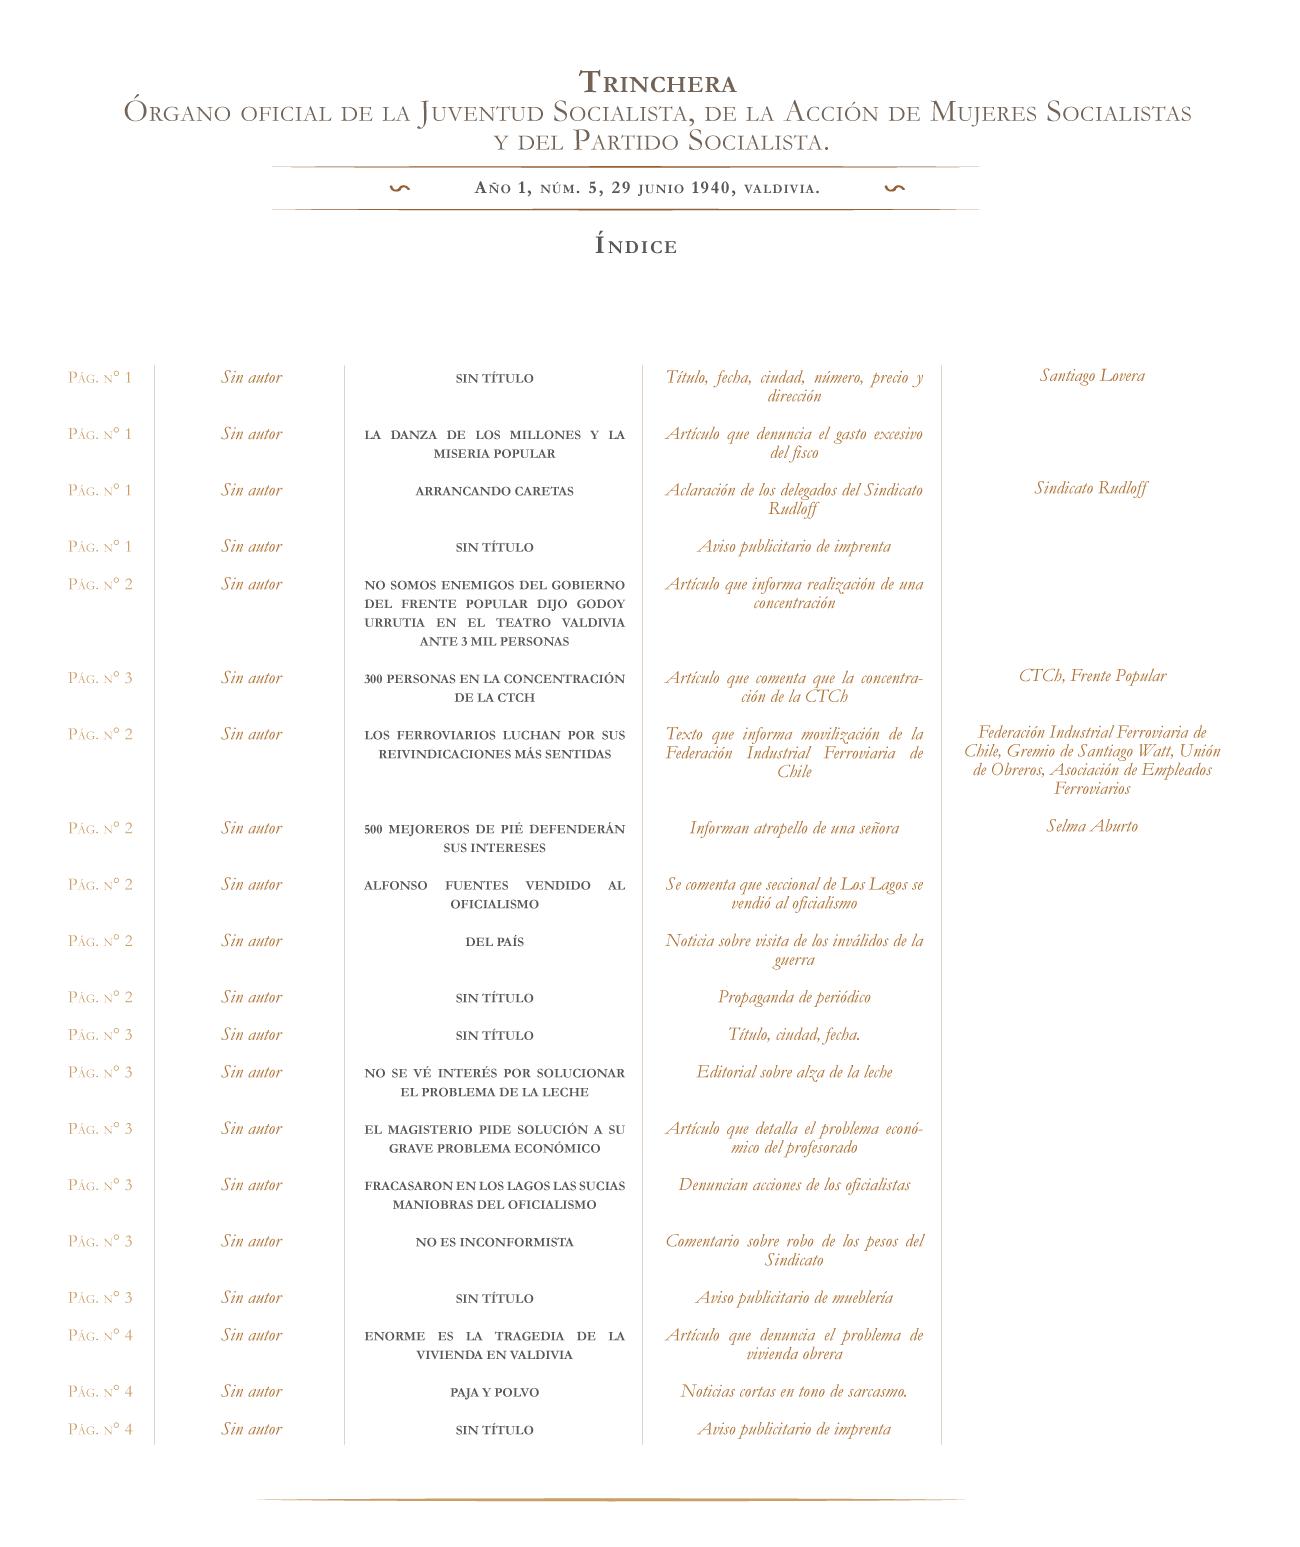 Trinchera no. 5